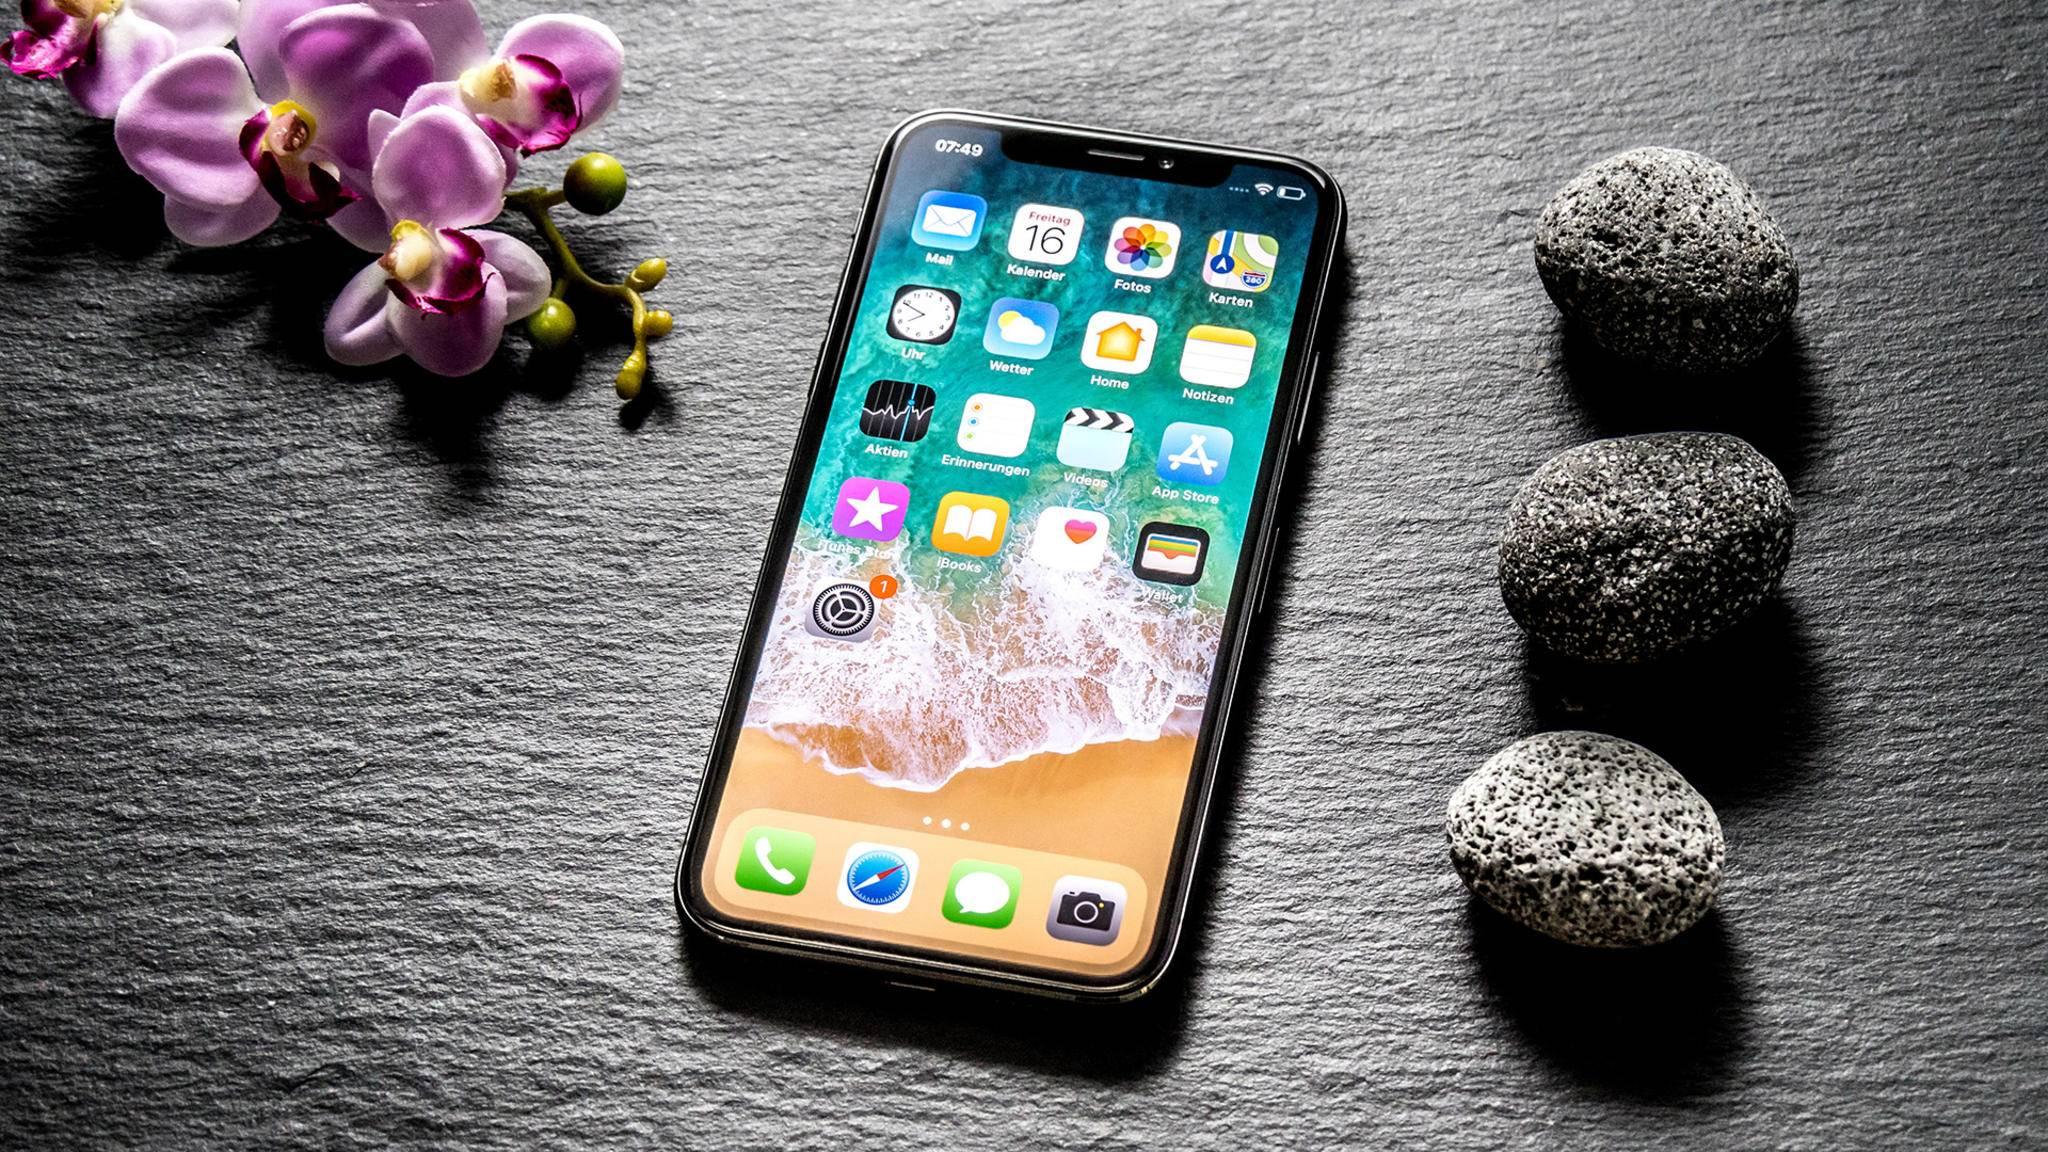 Das über 1000 Euro teure iPhone X lässt viele Kunden die Smartphone-Preise hinterfragen.